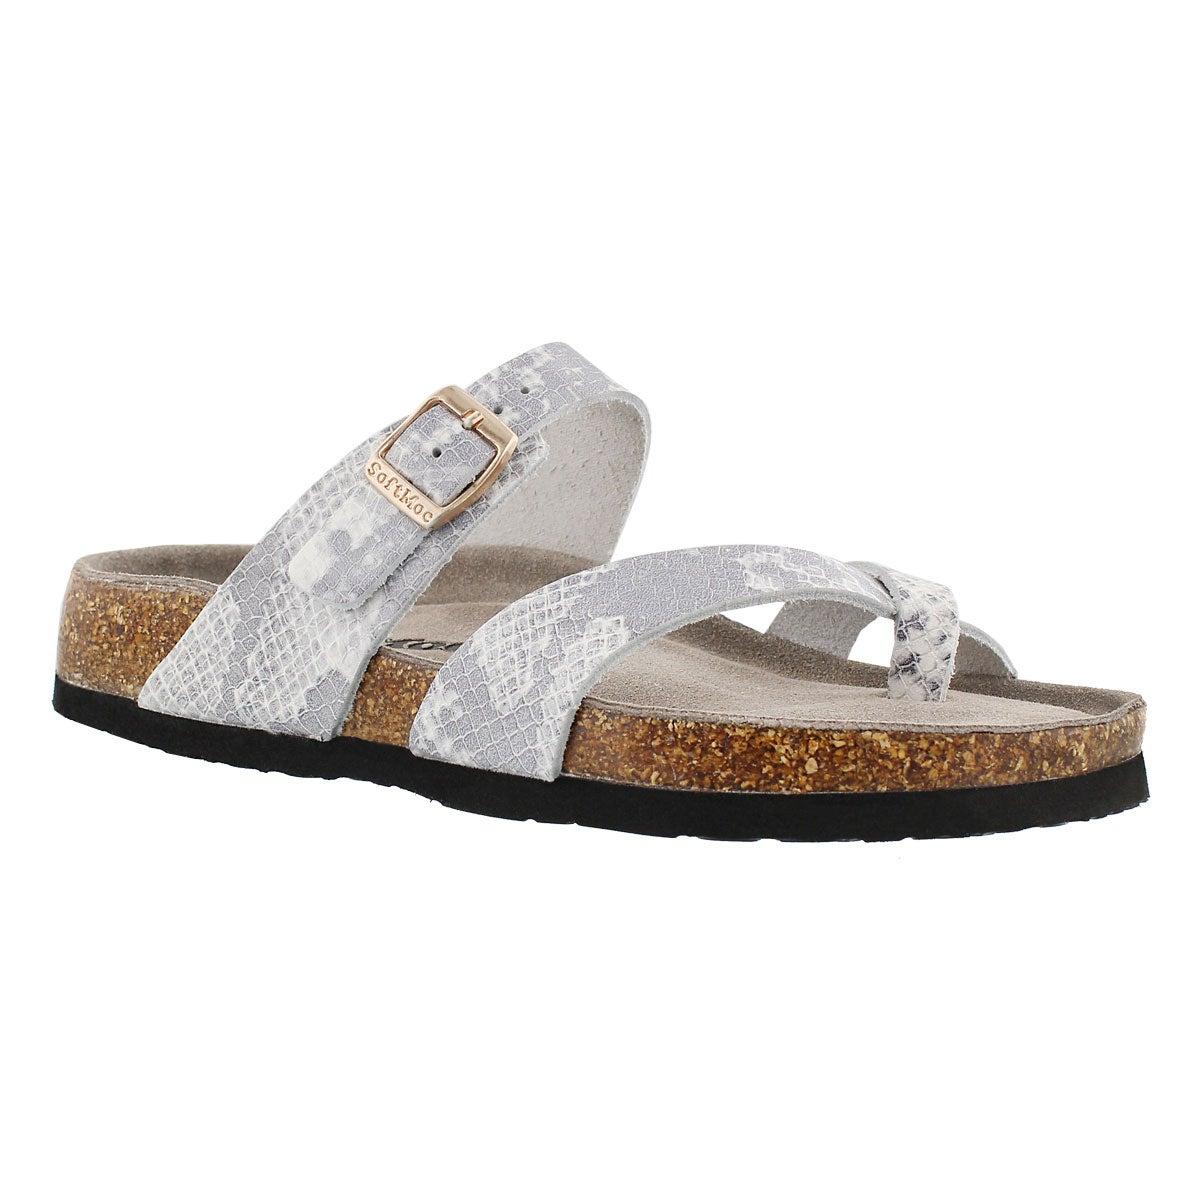 Lds Alicia3 wht-snk memory foam sandal